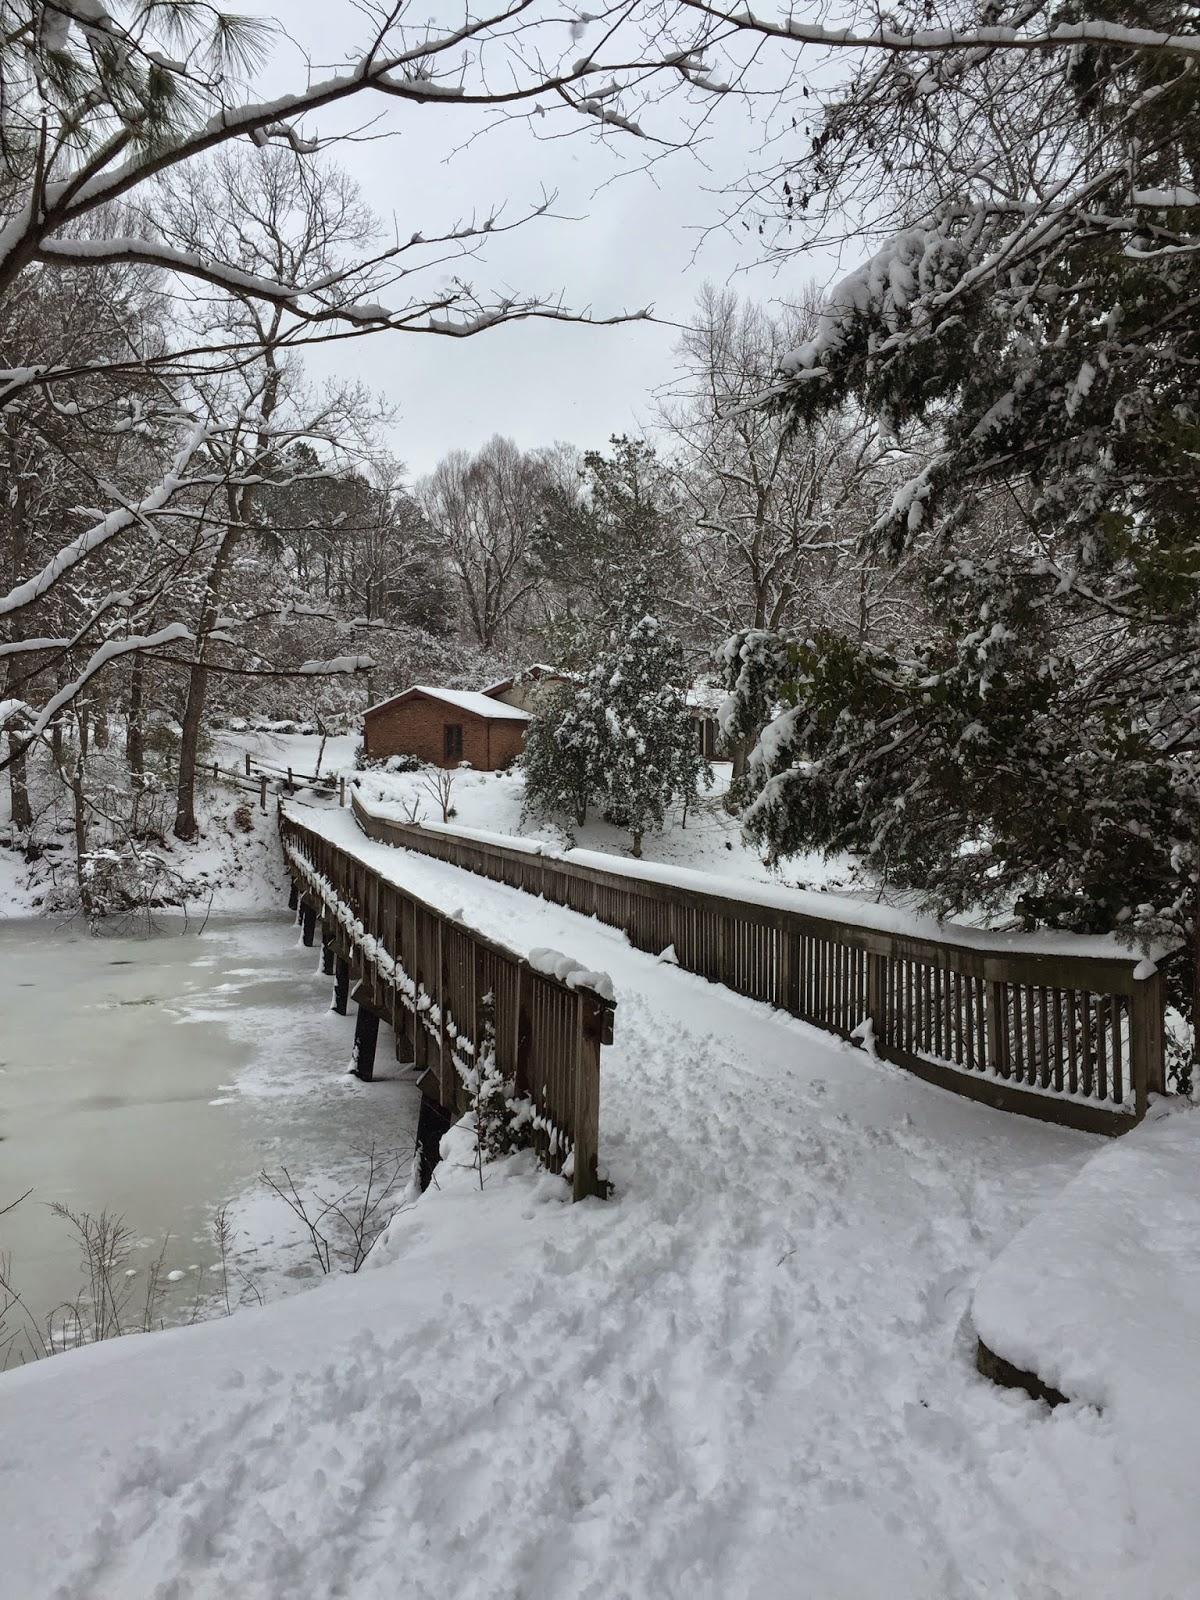 wareham's pond, snow, frozen, bridge, kingsmill, virginia, winters cape